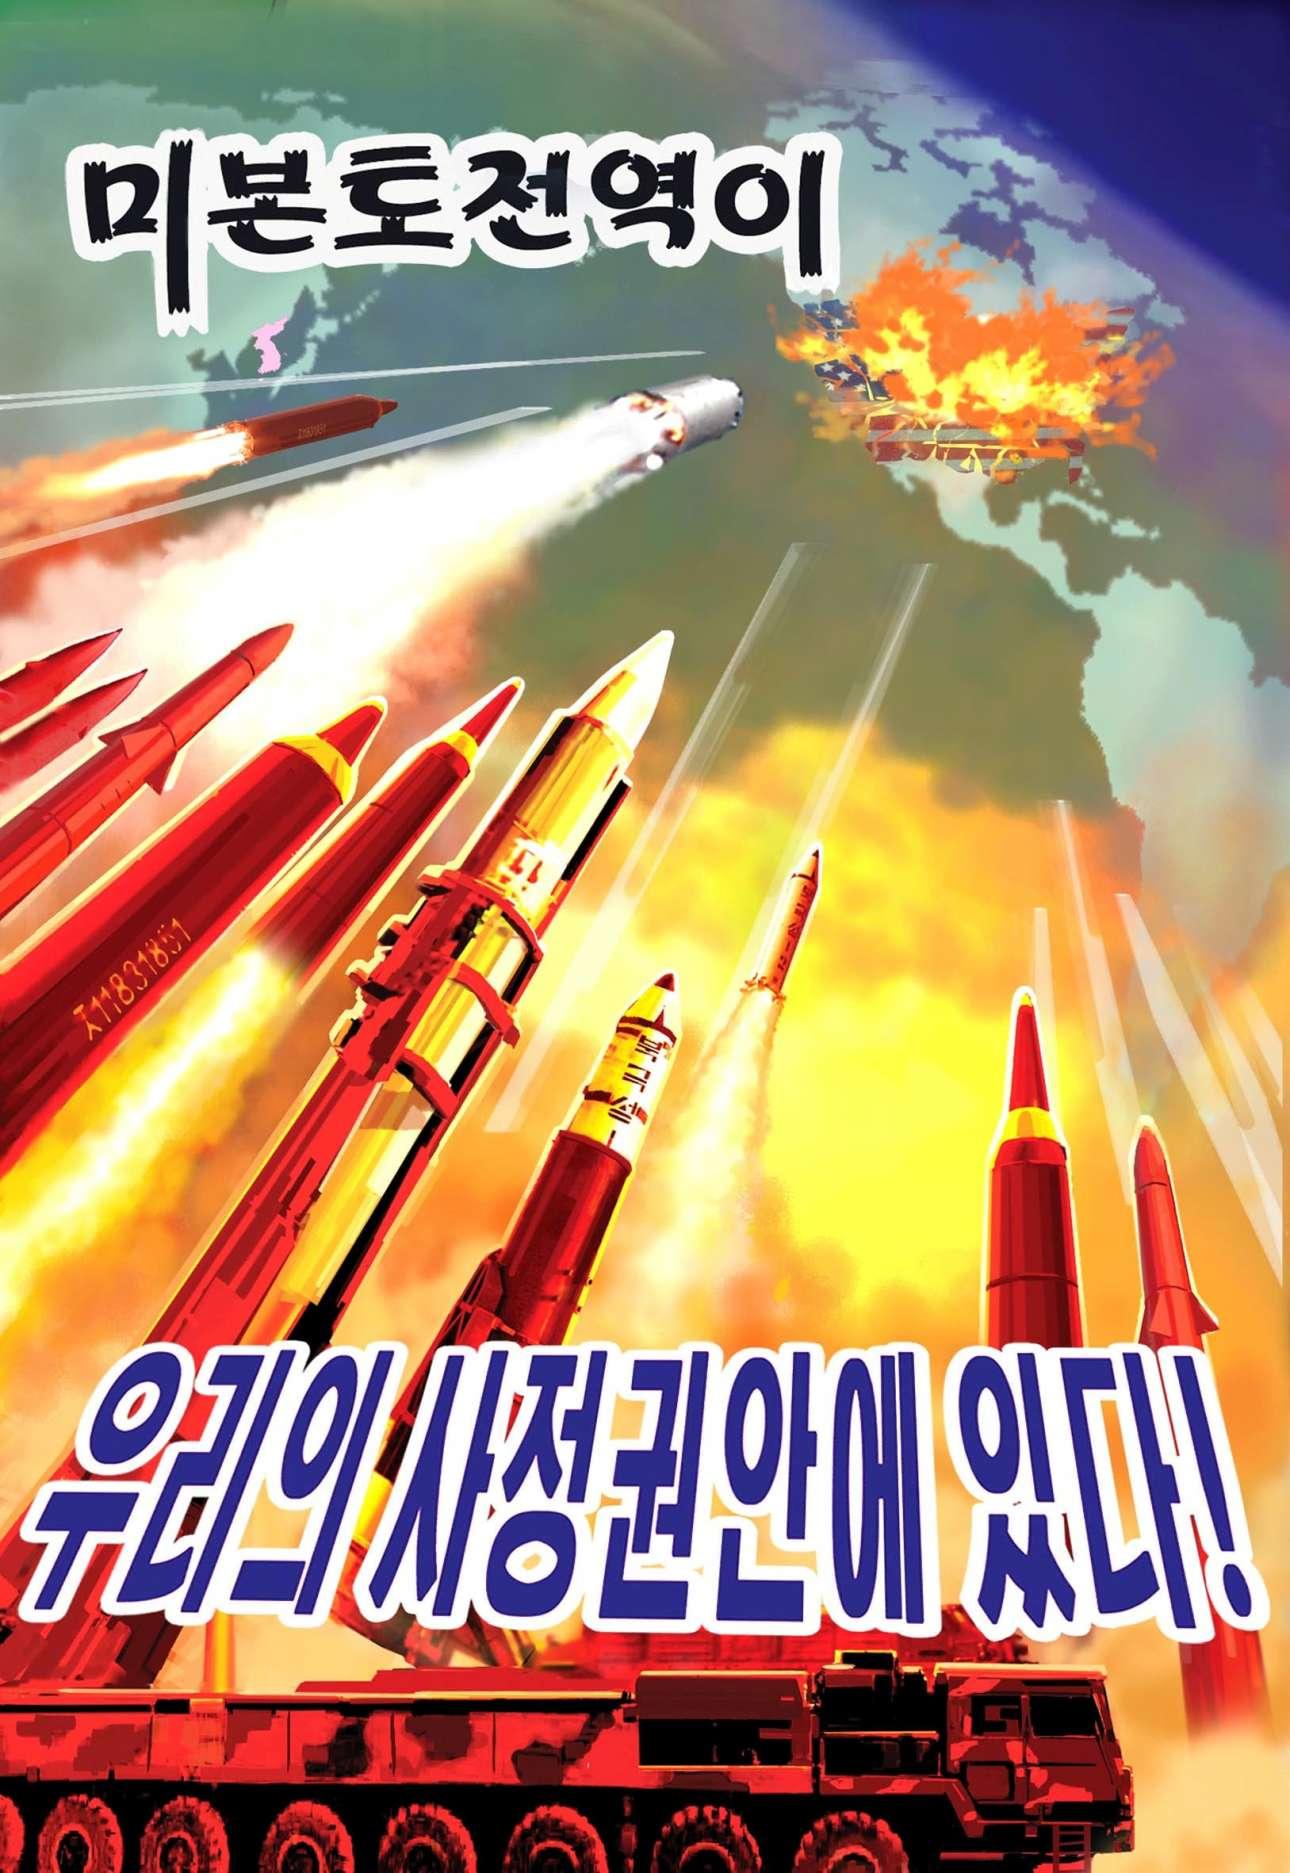 «Ολόκληρη η περιοχή της πολιτείας είναι τώρα εντός της εμβέλειας των πυραύλων μας!», το μήνυμα της τολμηρής αφίσας